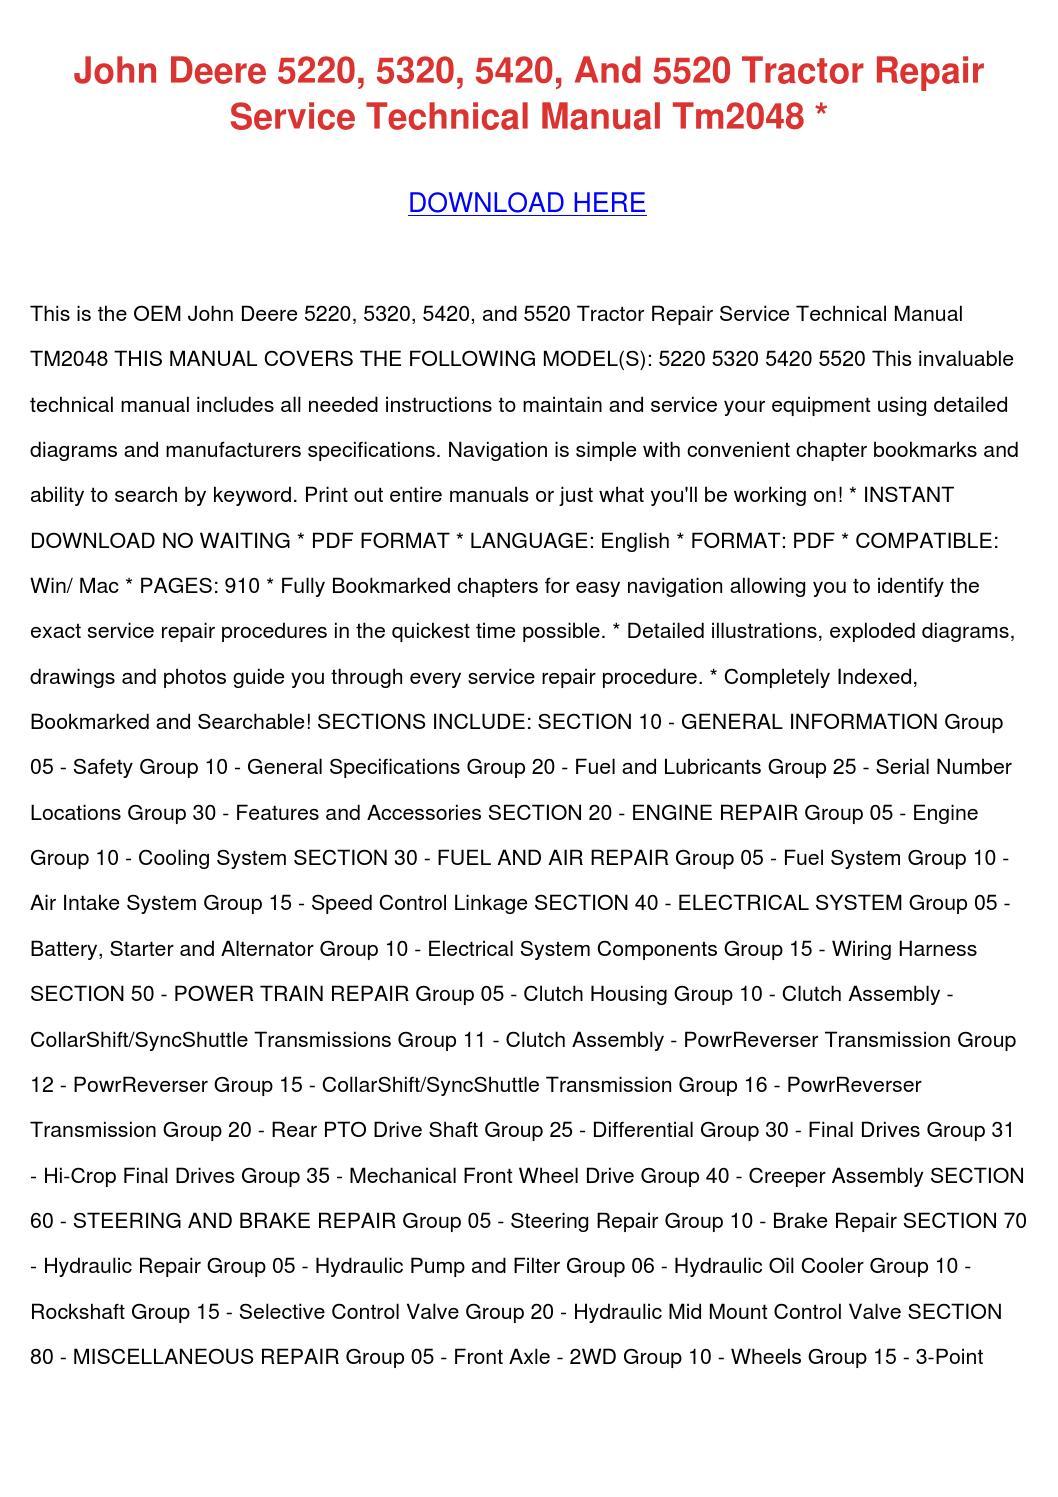 John Deere 5220 5320 5420 And 5520 Tractor Re by TerriSpurlock issuu – John Deere 5220 Wiring Diagrams